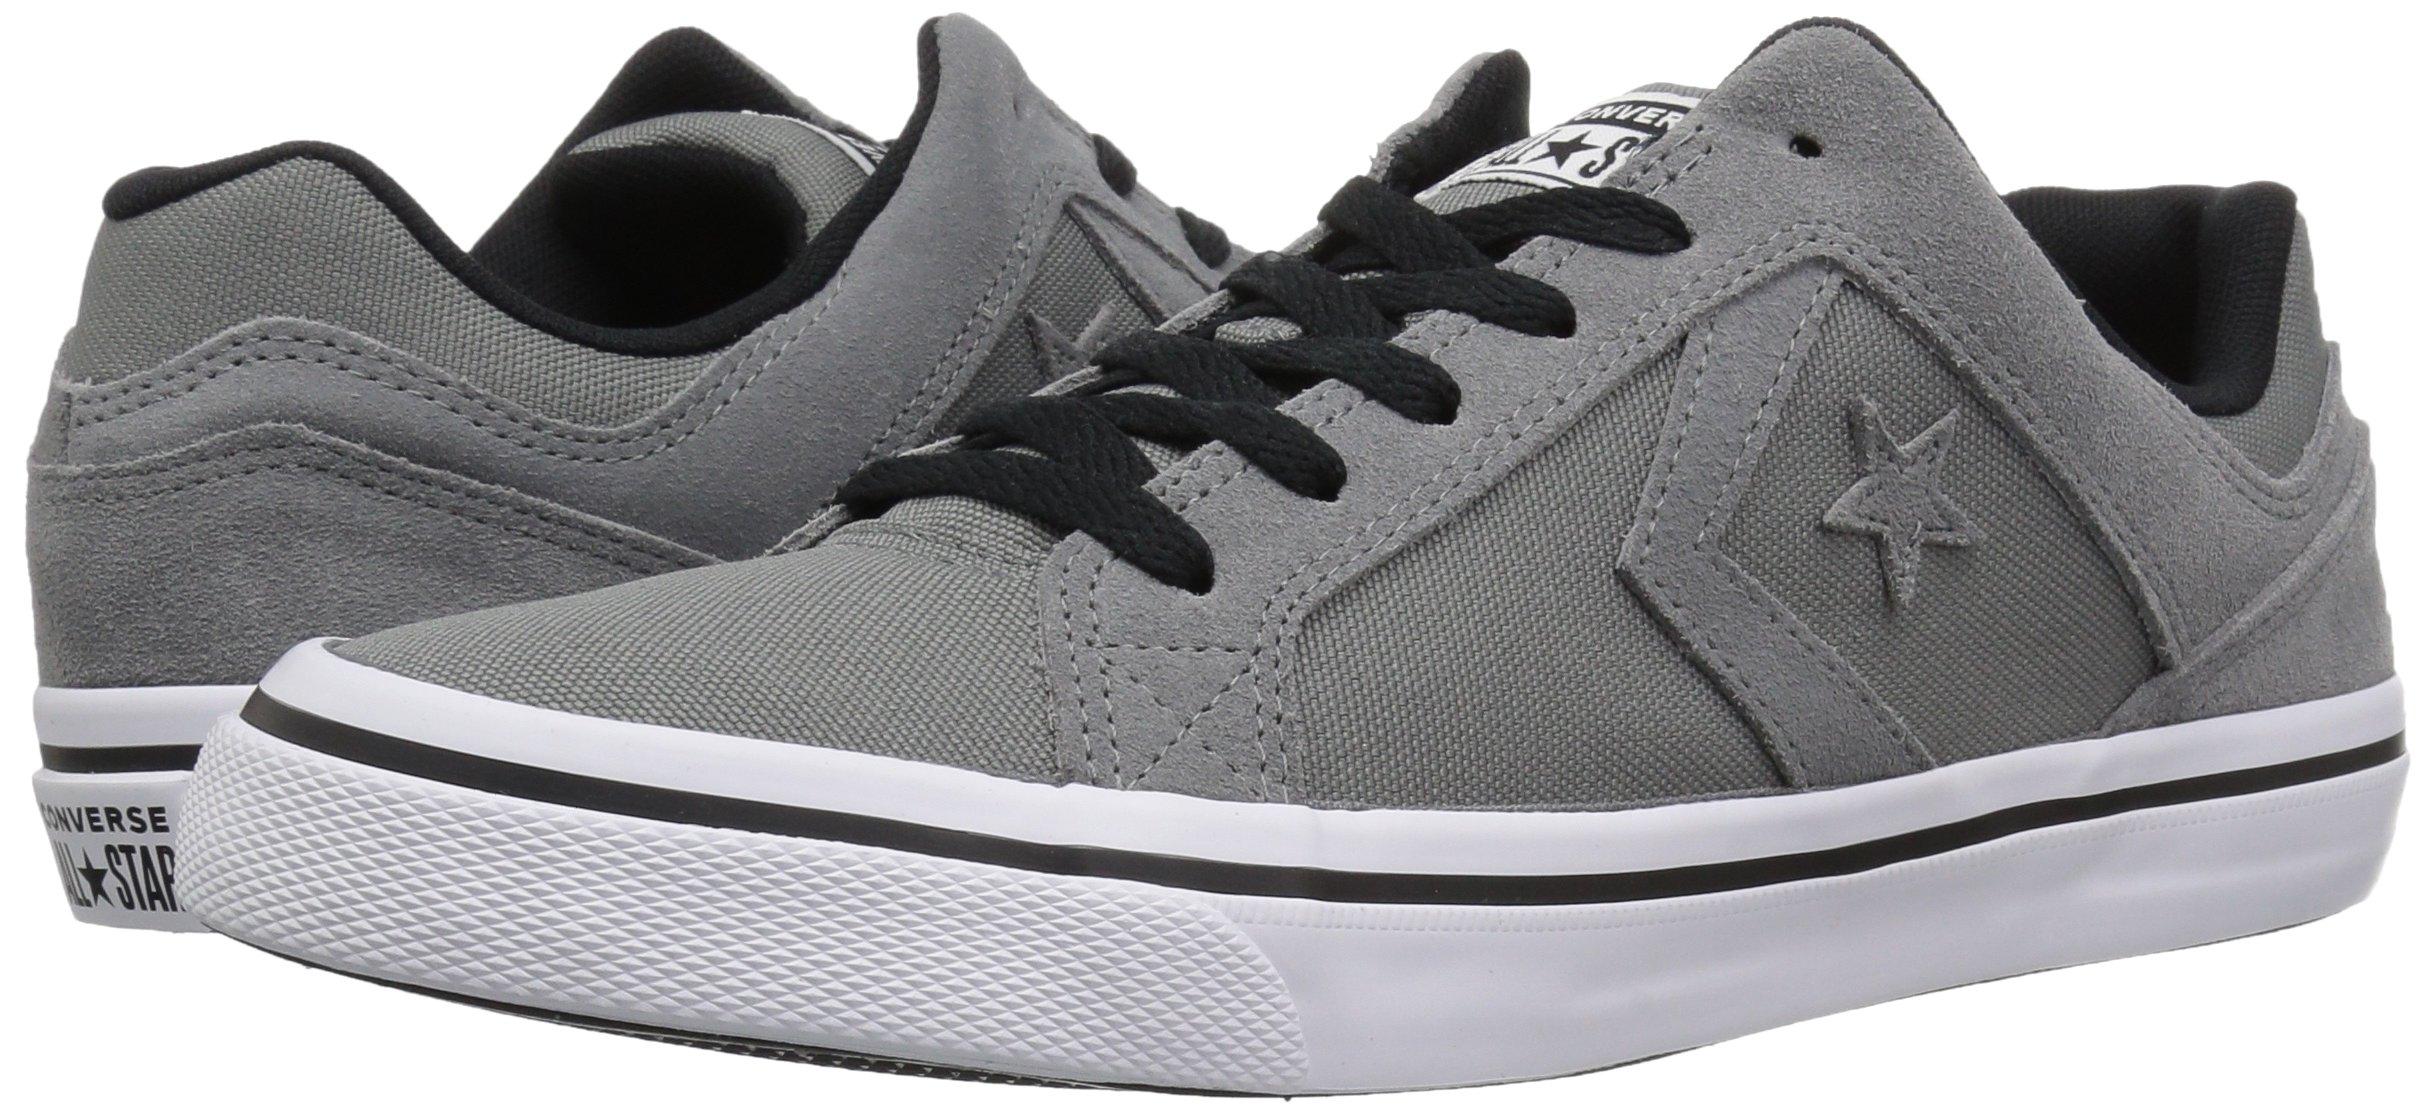 Converse EL Distrito Canvas Low Top Sneaker, Mason/White/Black, 12 M US by Converse (Image #5)